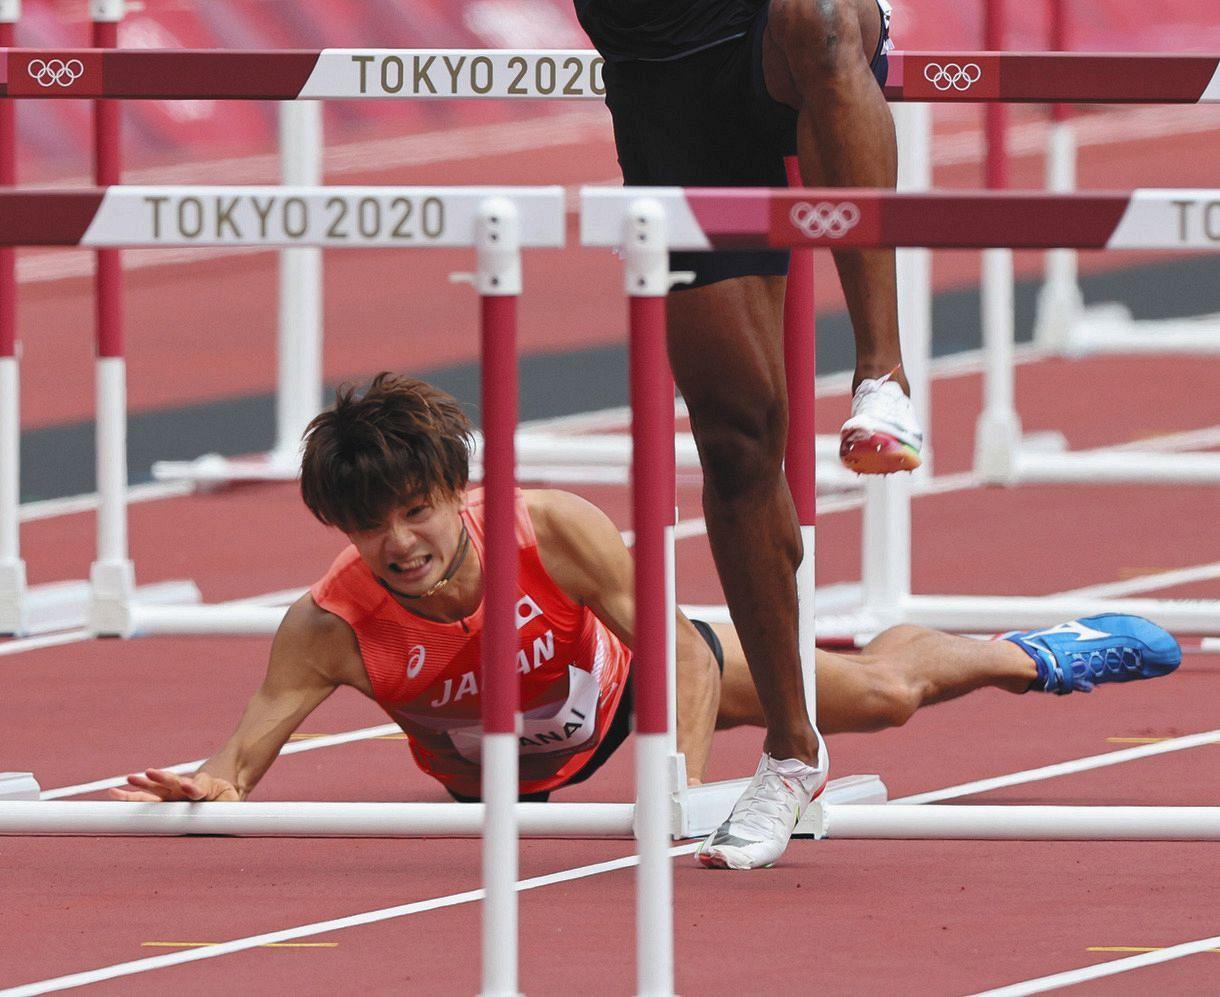 金井大旺は今季限り引退し歯科医師の道へ…無念の転倒で決勝へは進めず【東京五輪陸上男子110メートル障害】